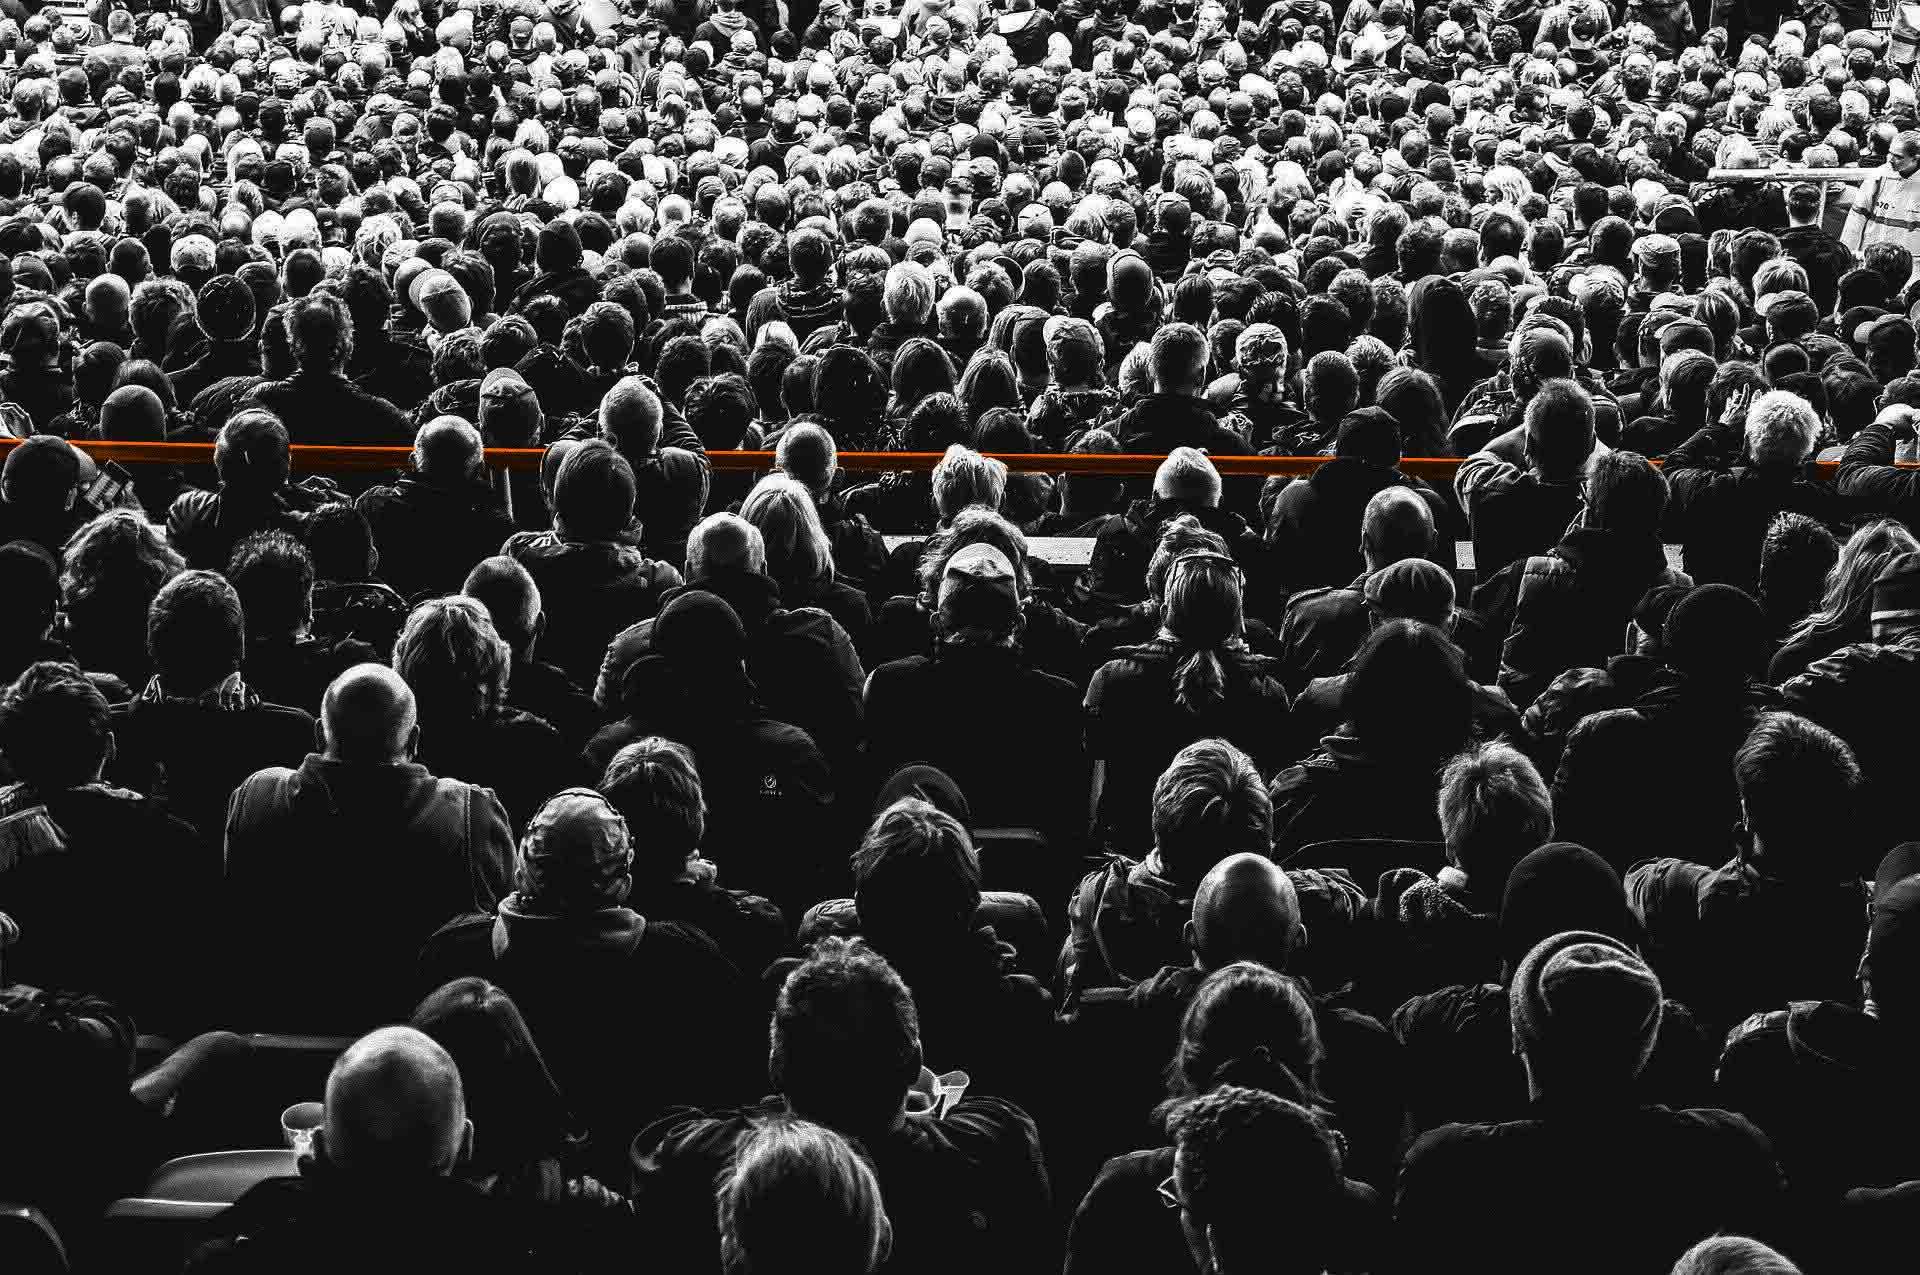 folla-linea-arancione-servizi-mercomm-agenzia-comunicazione